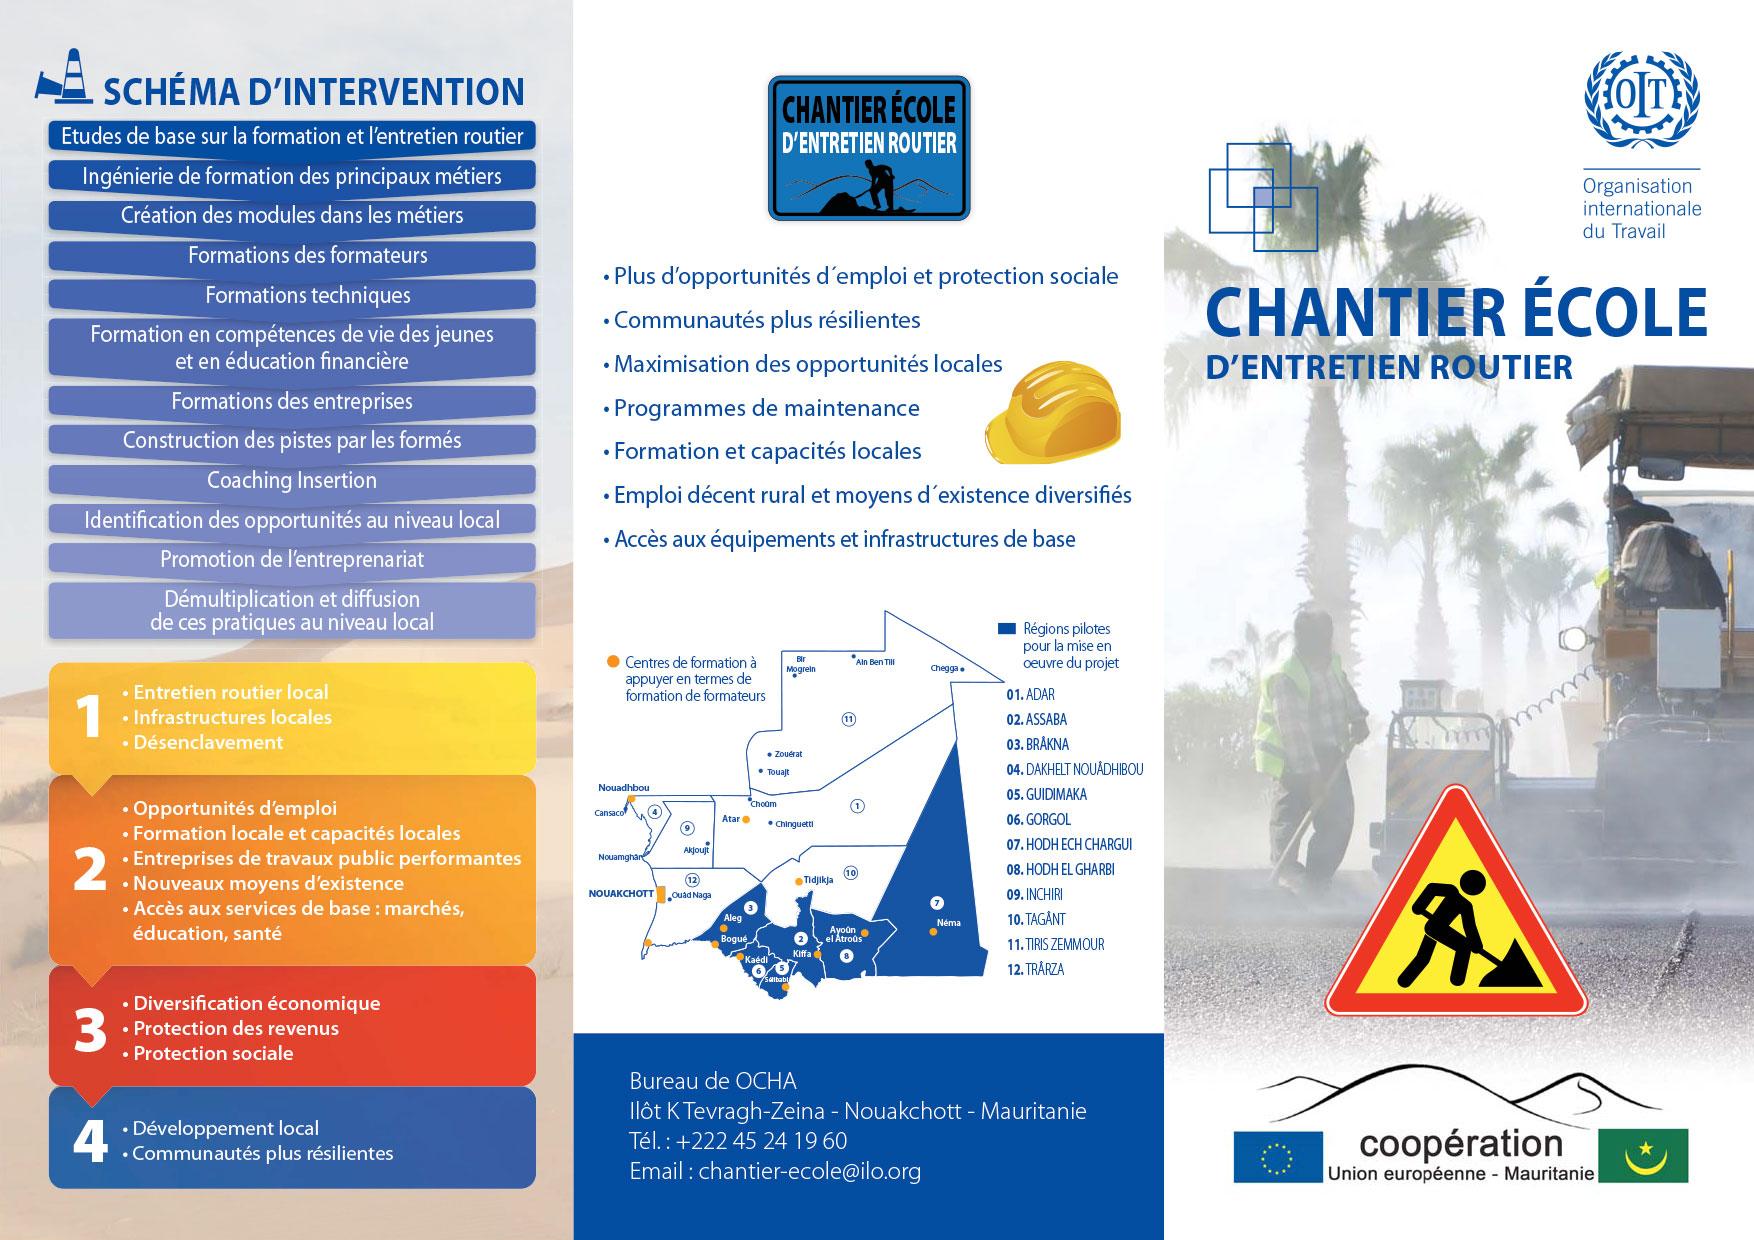 BTP Mauritanie- Déplant -Chantier École